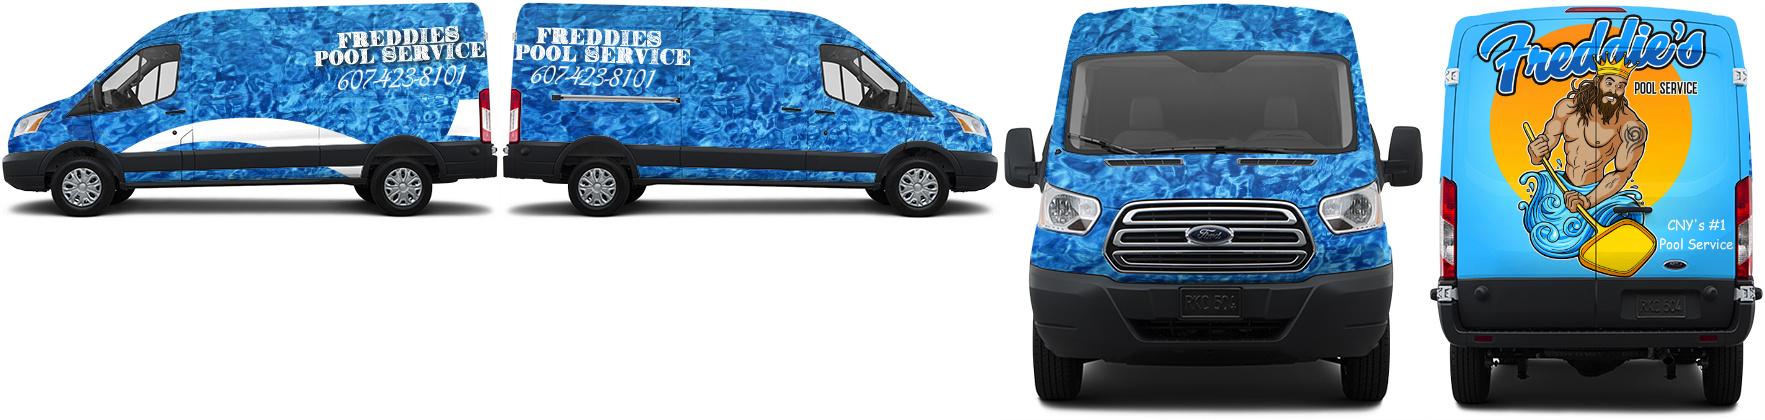 Transit Van Wrap #49517